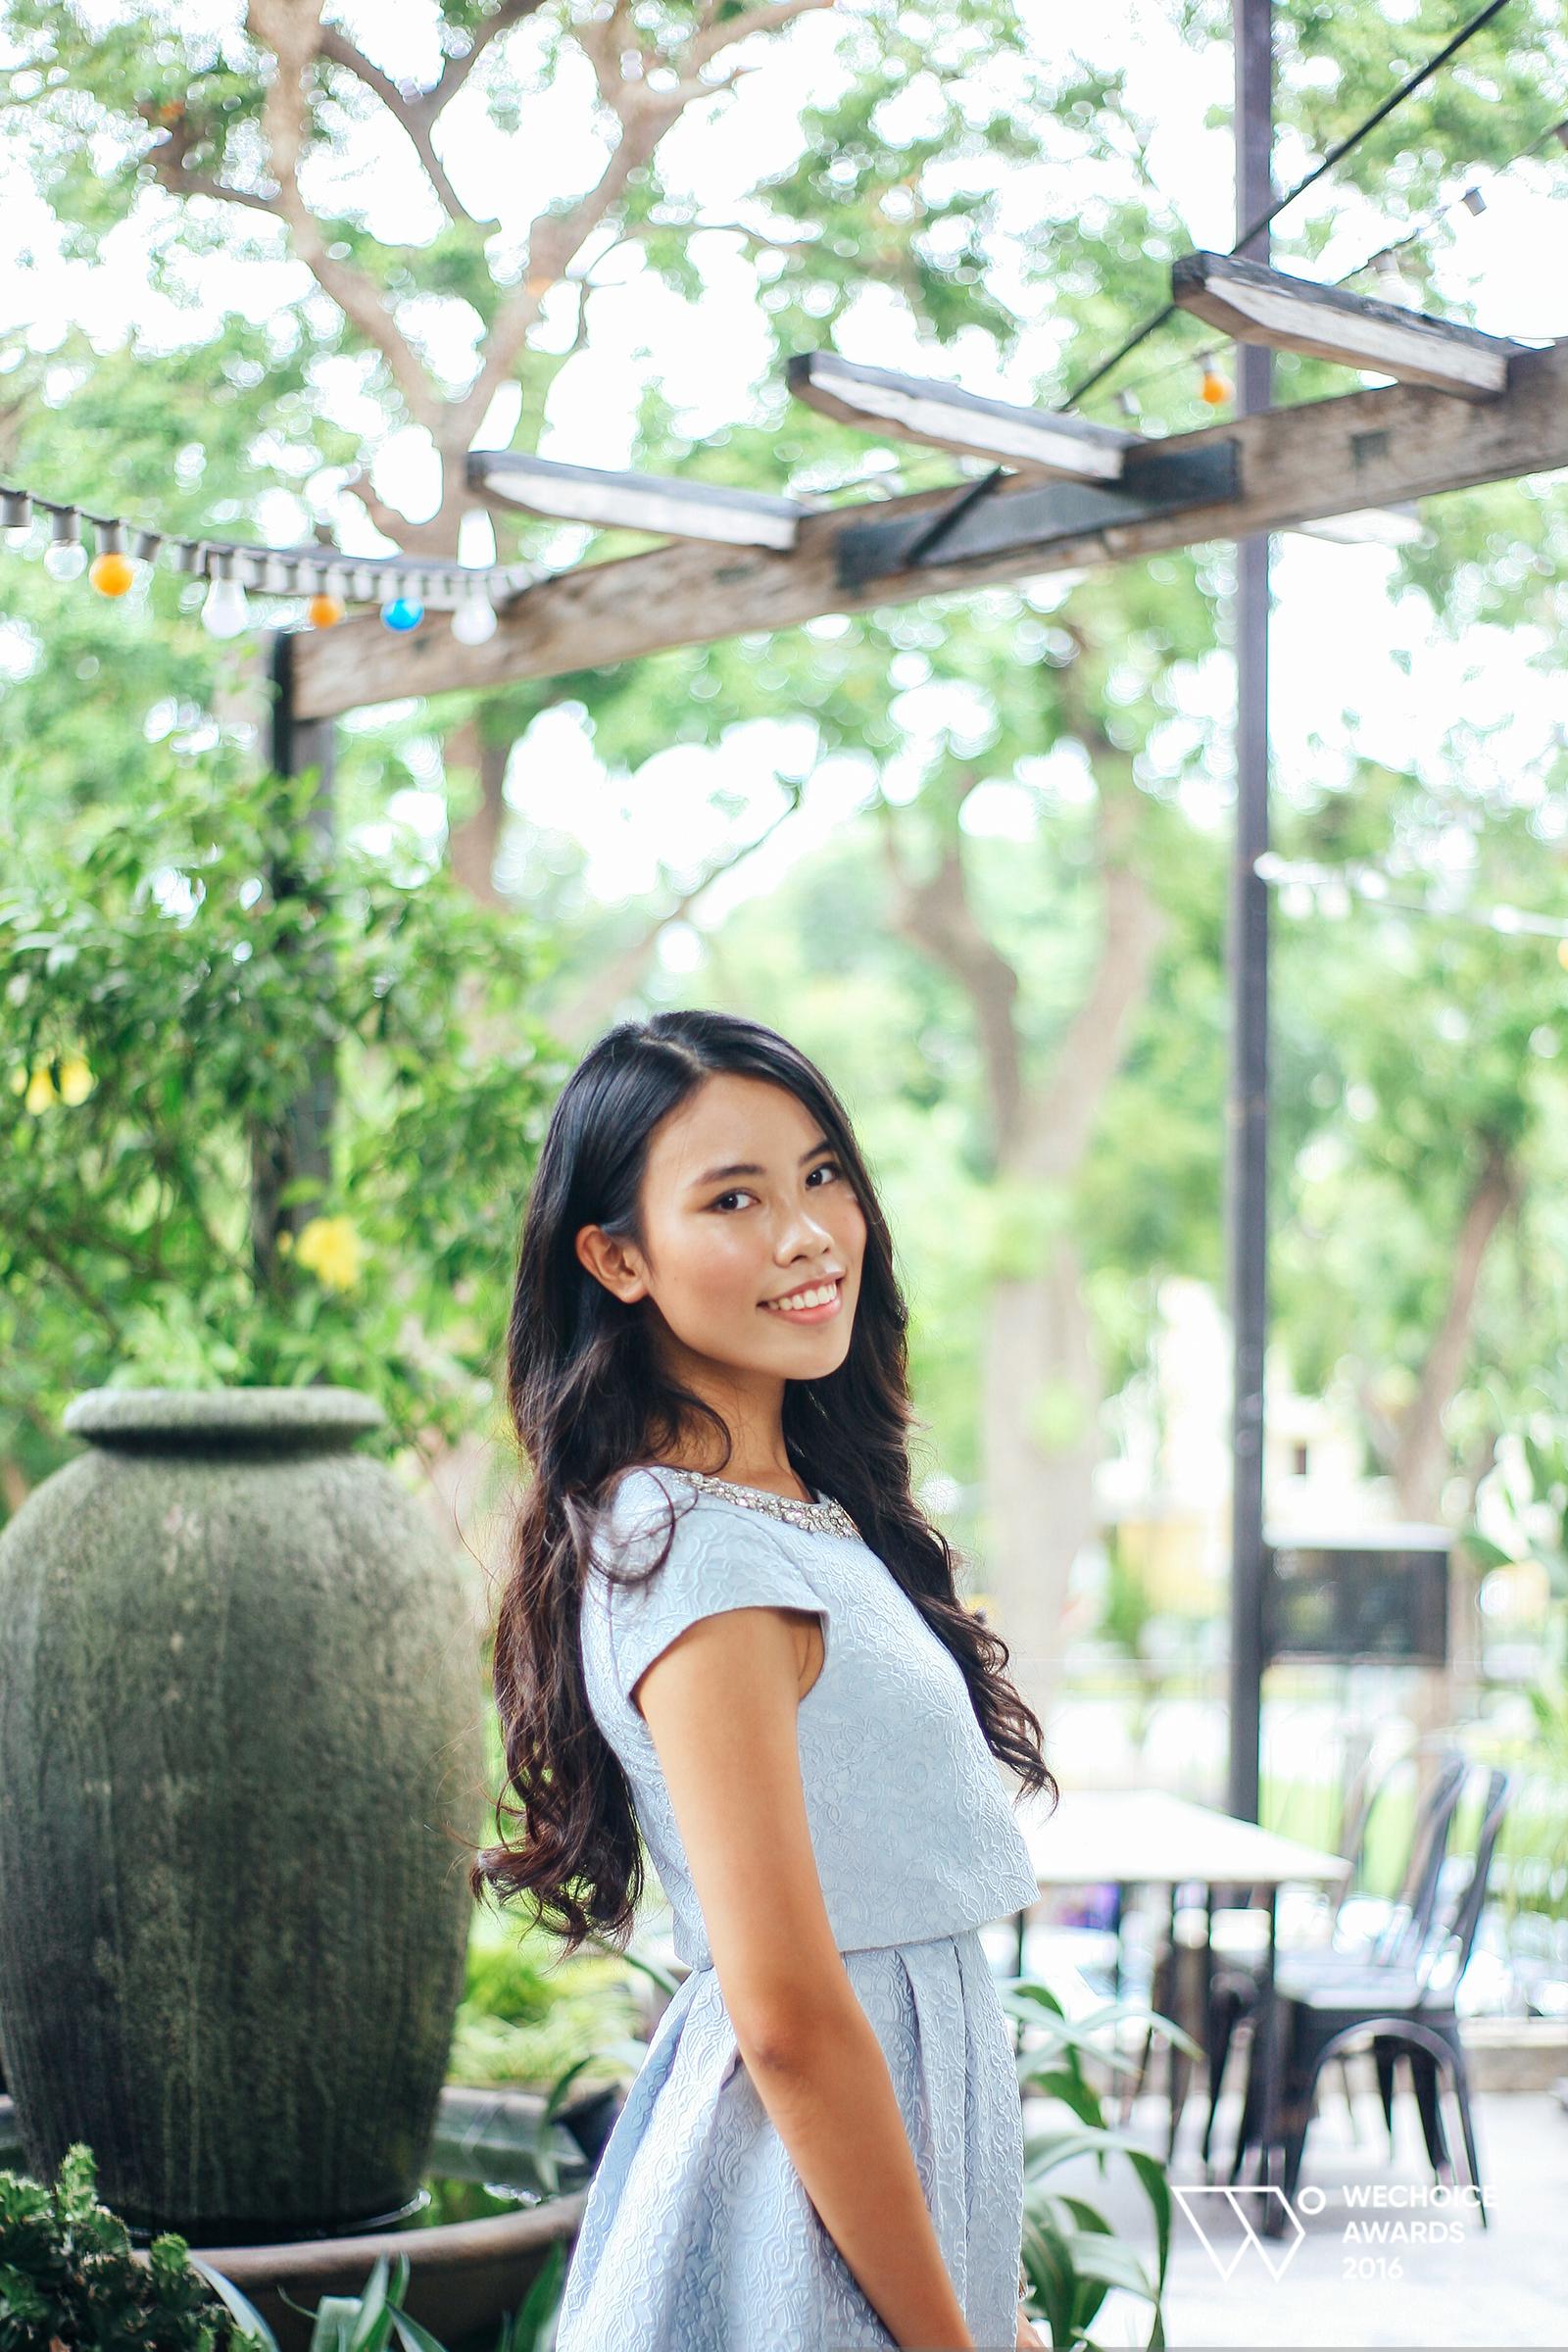 Nữ sinh 17 tuổi mang hội thảo Mô phỏng Liên Hợp Quốc về cho các bạn trẻ Việt Nam - Ảnh 3.